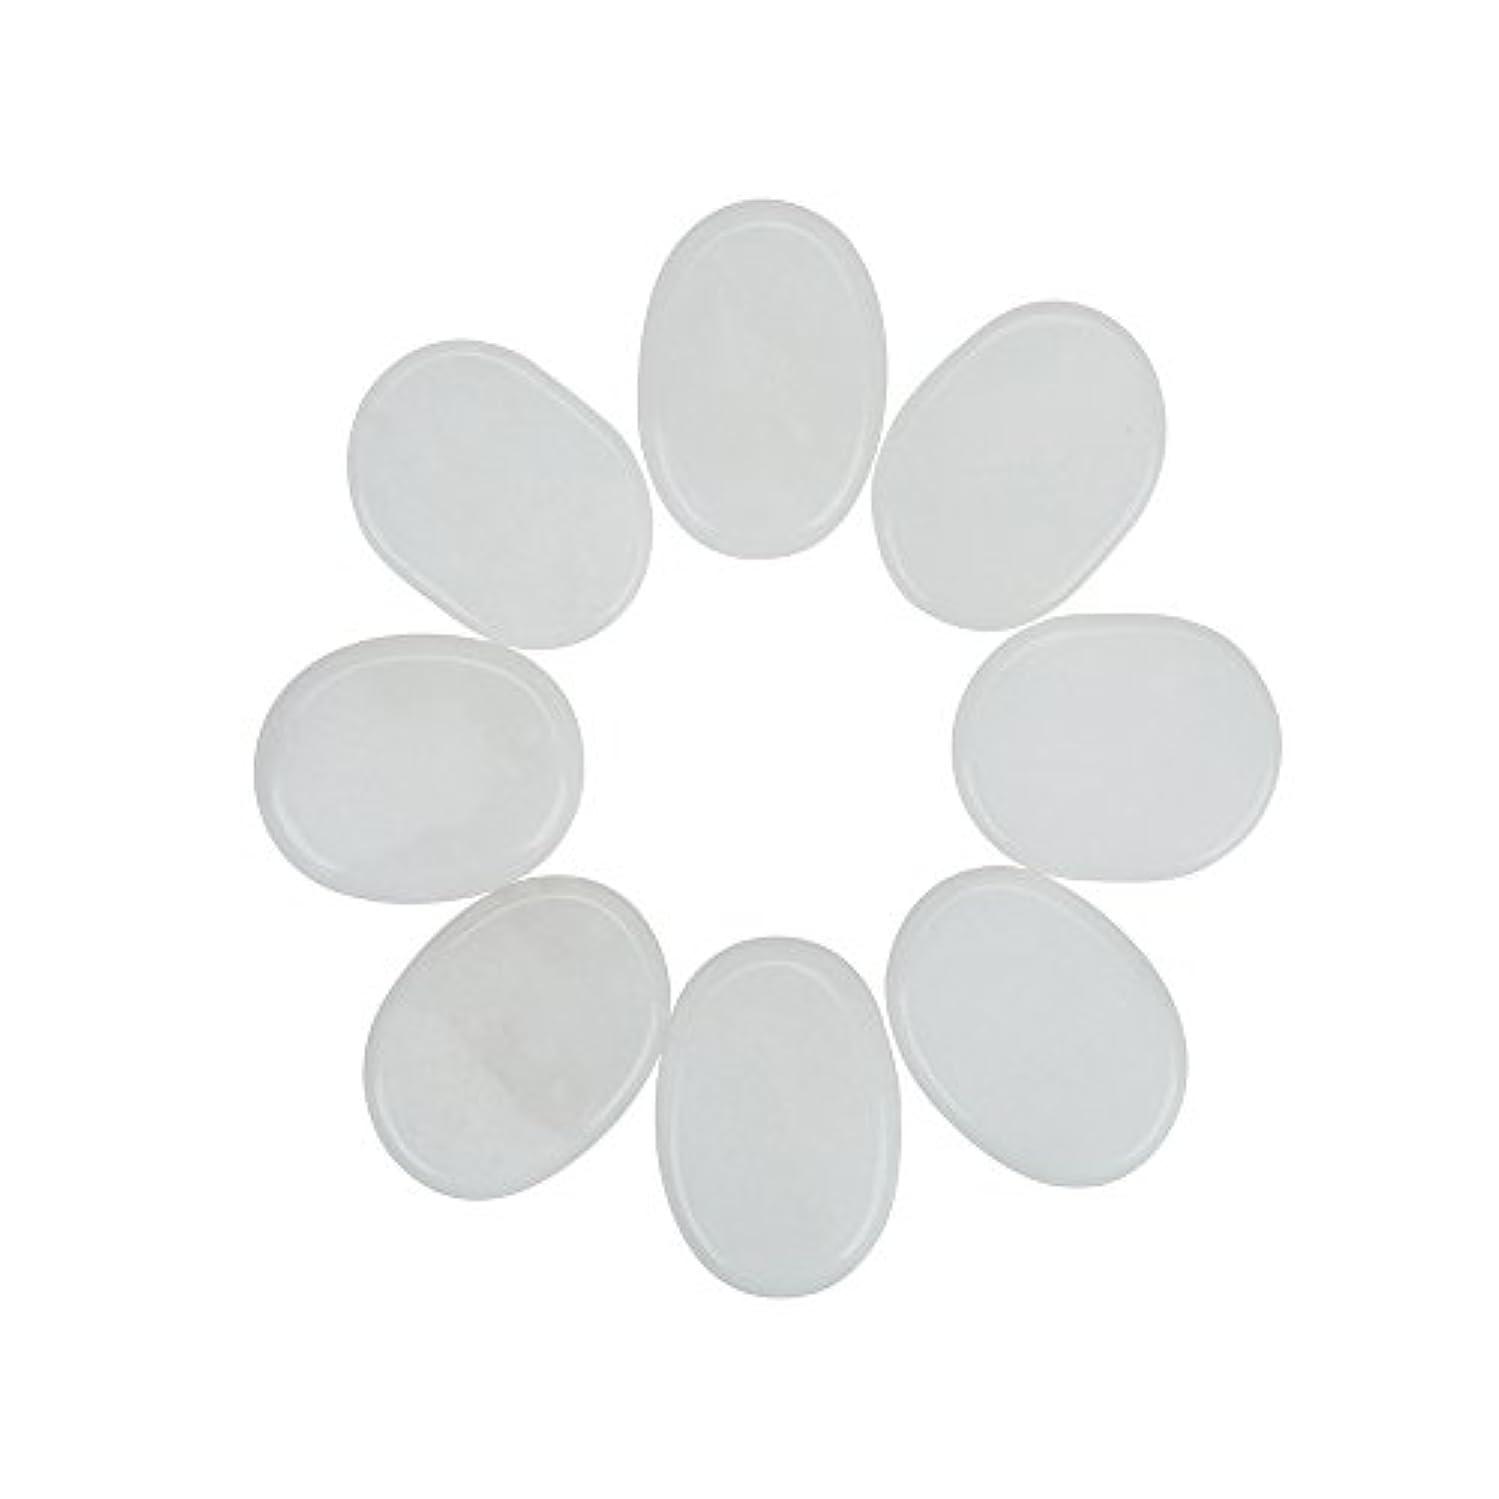 アラスカ幅トークンWindfulogo 8個入りホットマッサージストーンセットナチュラルジェイドスパマッサージ用ウォームストーンホットホワイト1.18 x 1.57 in(3x4cm)